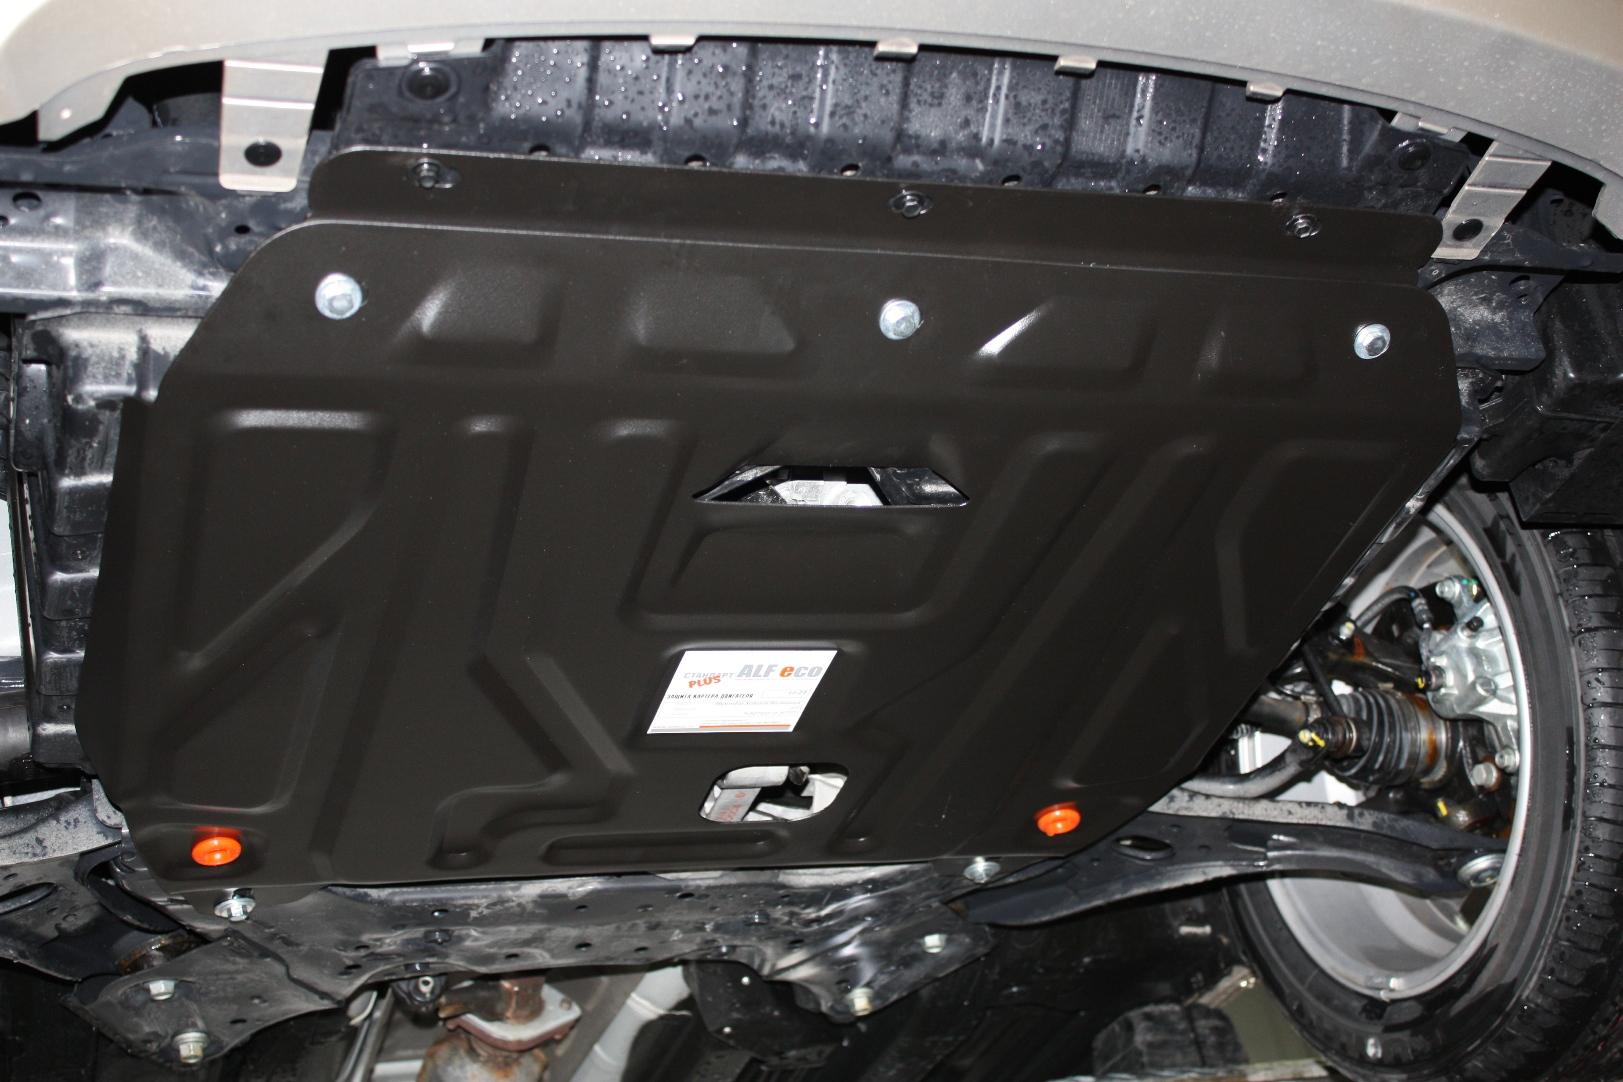 Защита картера двигателя, КПП Hyundai Solaris (Хёндай Соларис) V-1,4; 1,6 (2010-2016) (сталь 2 мм)